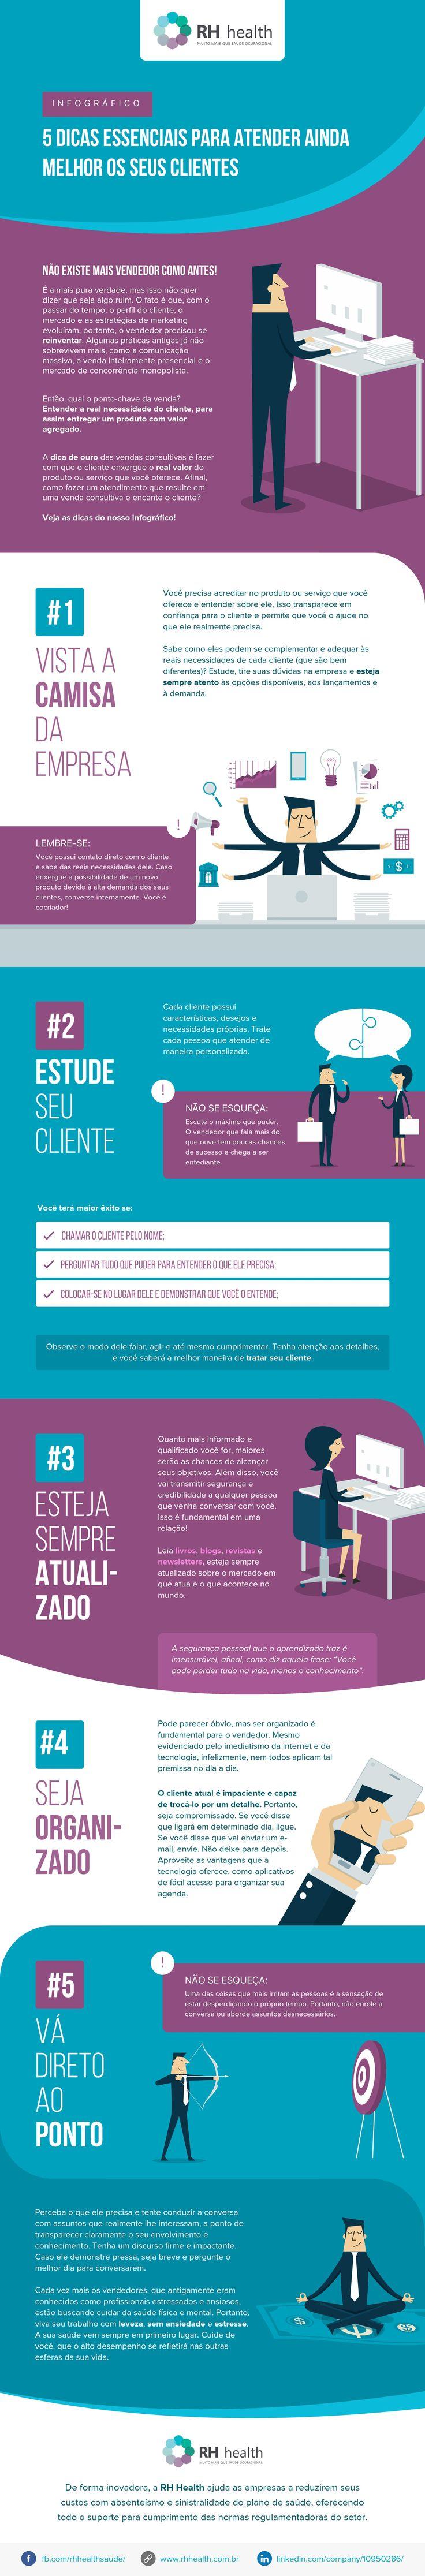 5 dicas essenciais para atender ainda melhor seus clientes